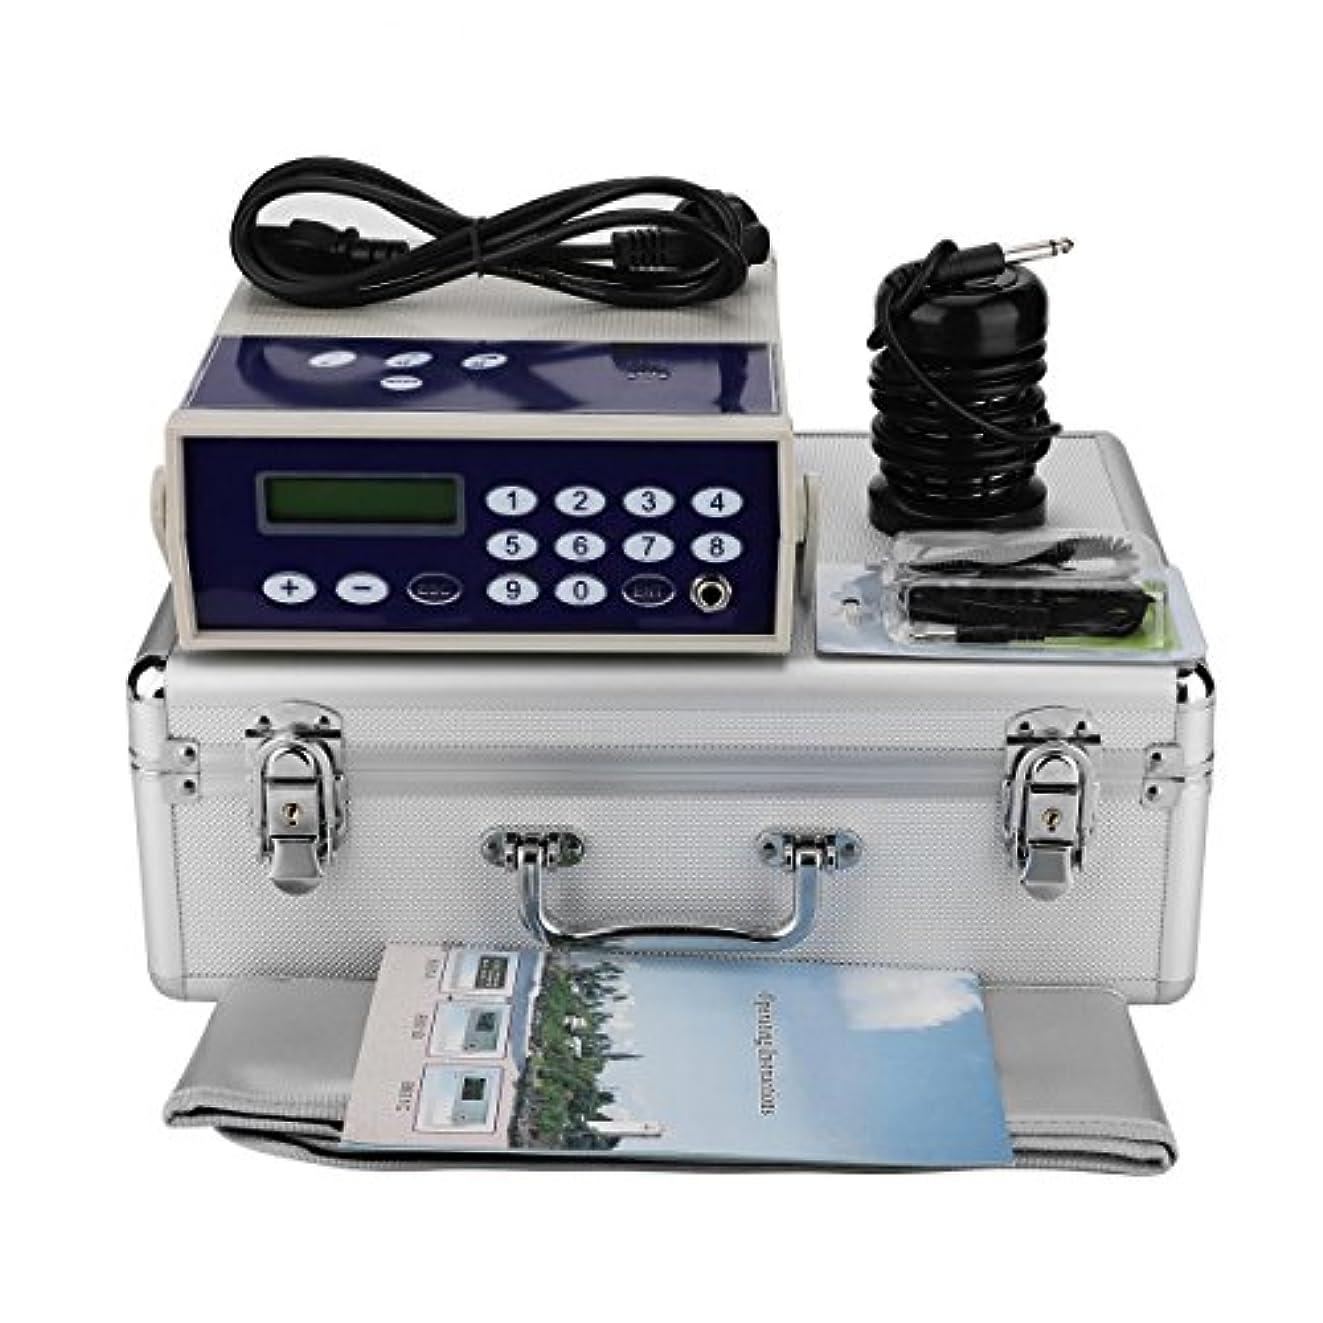 予知論理的に話イオンフットバスデトックスシステム-ボディデトックスマシンイオンアレイフットバススパクレンジングイオンウエストベルト解毒(110V USプラグ)